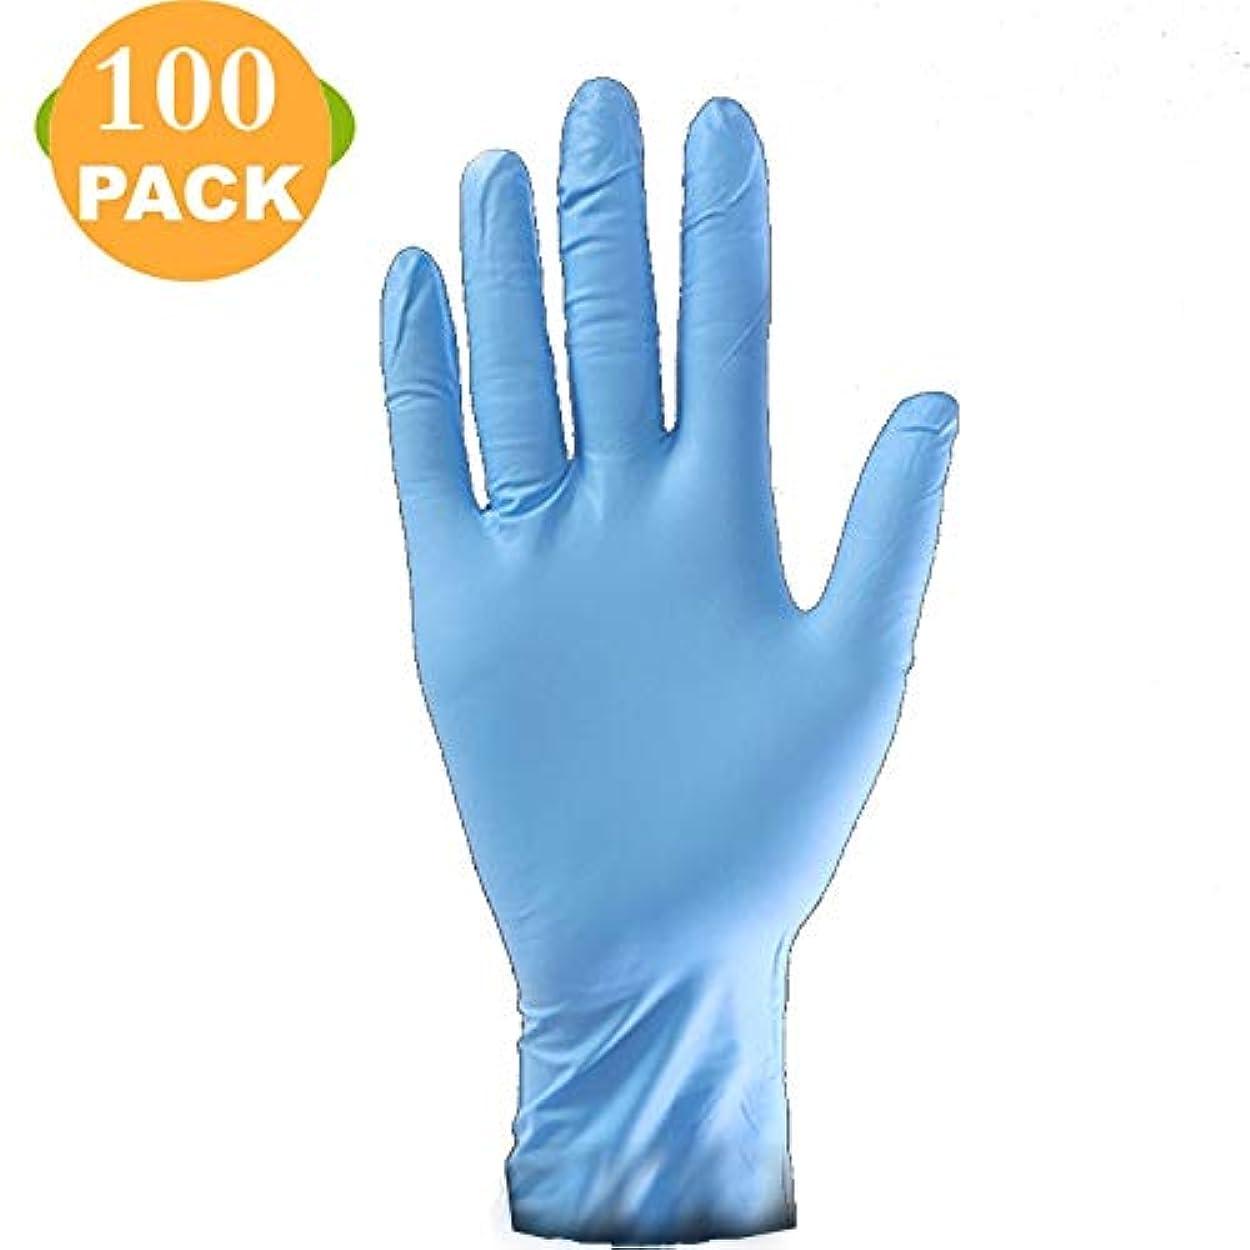 避難裸捧げるニトリル使い捨てパウダーフリー耐酸クリーン美容ネイルサロン油と酸耐性-100パーボックス (Color : Blue, Size : M)